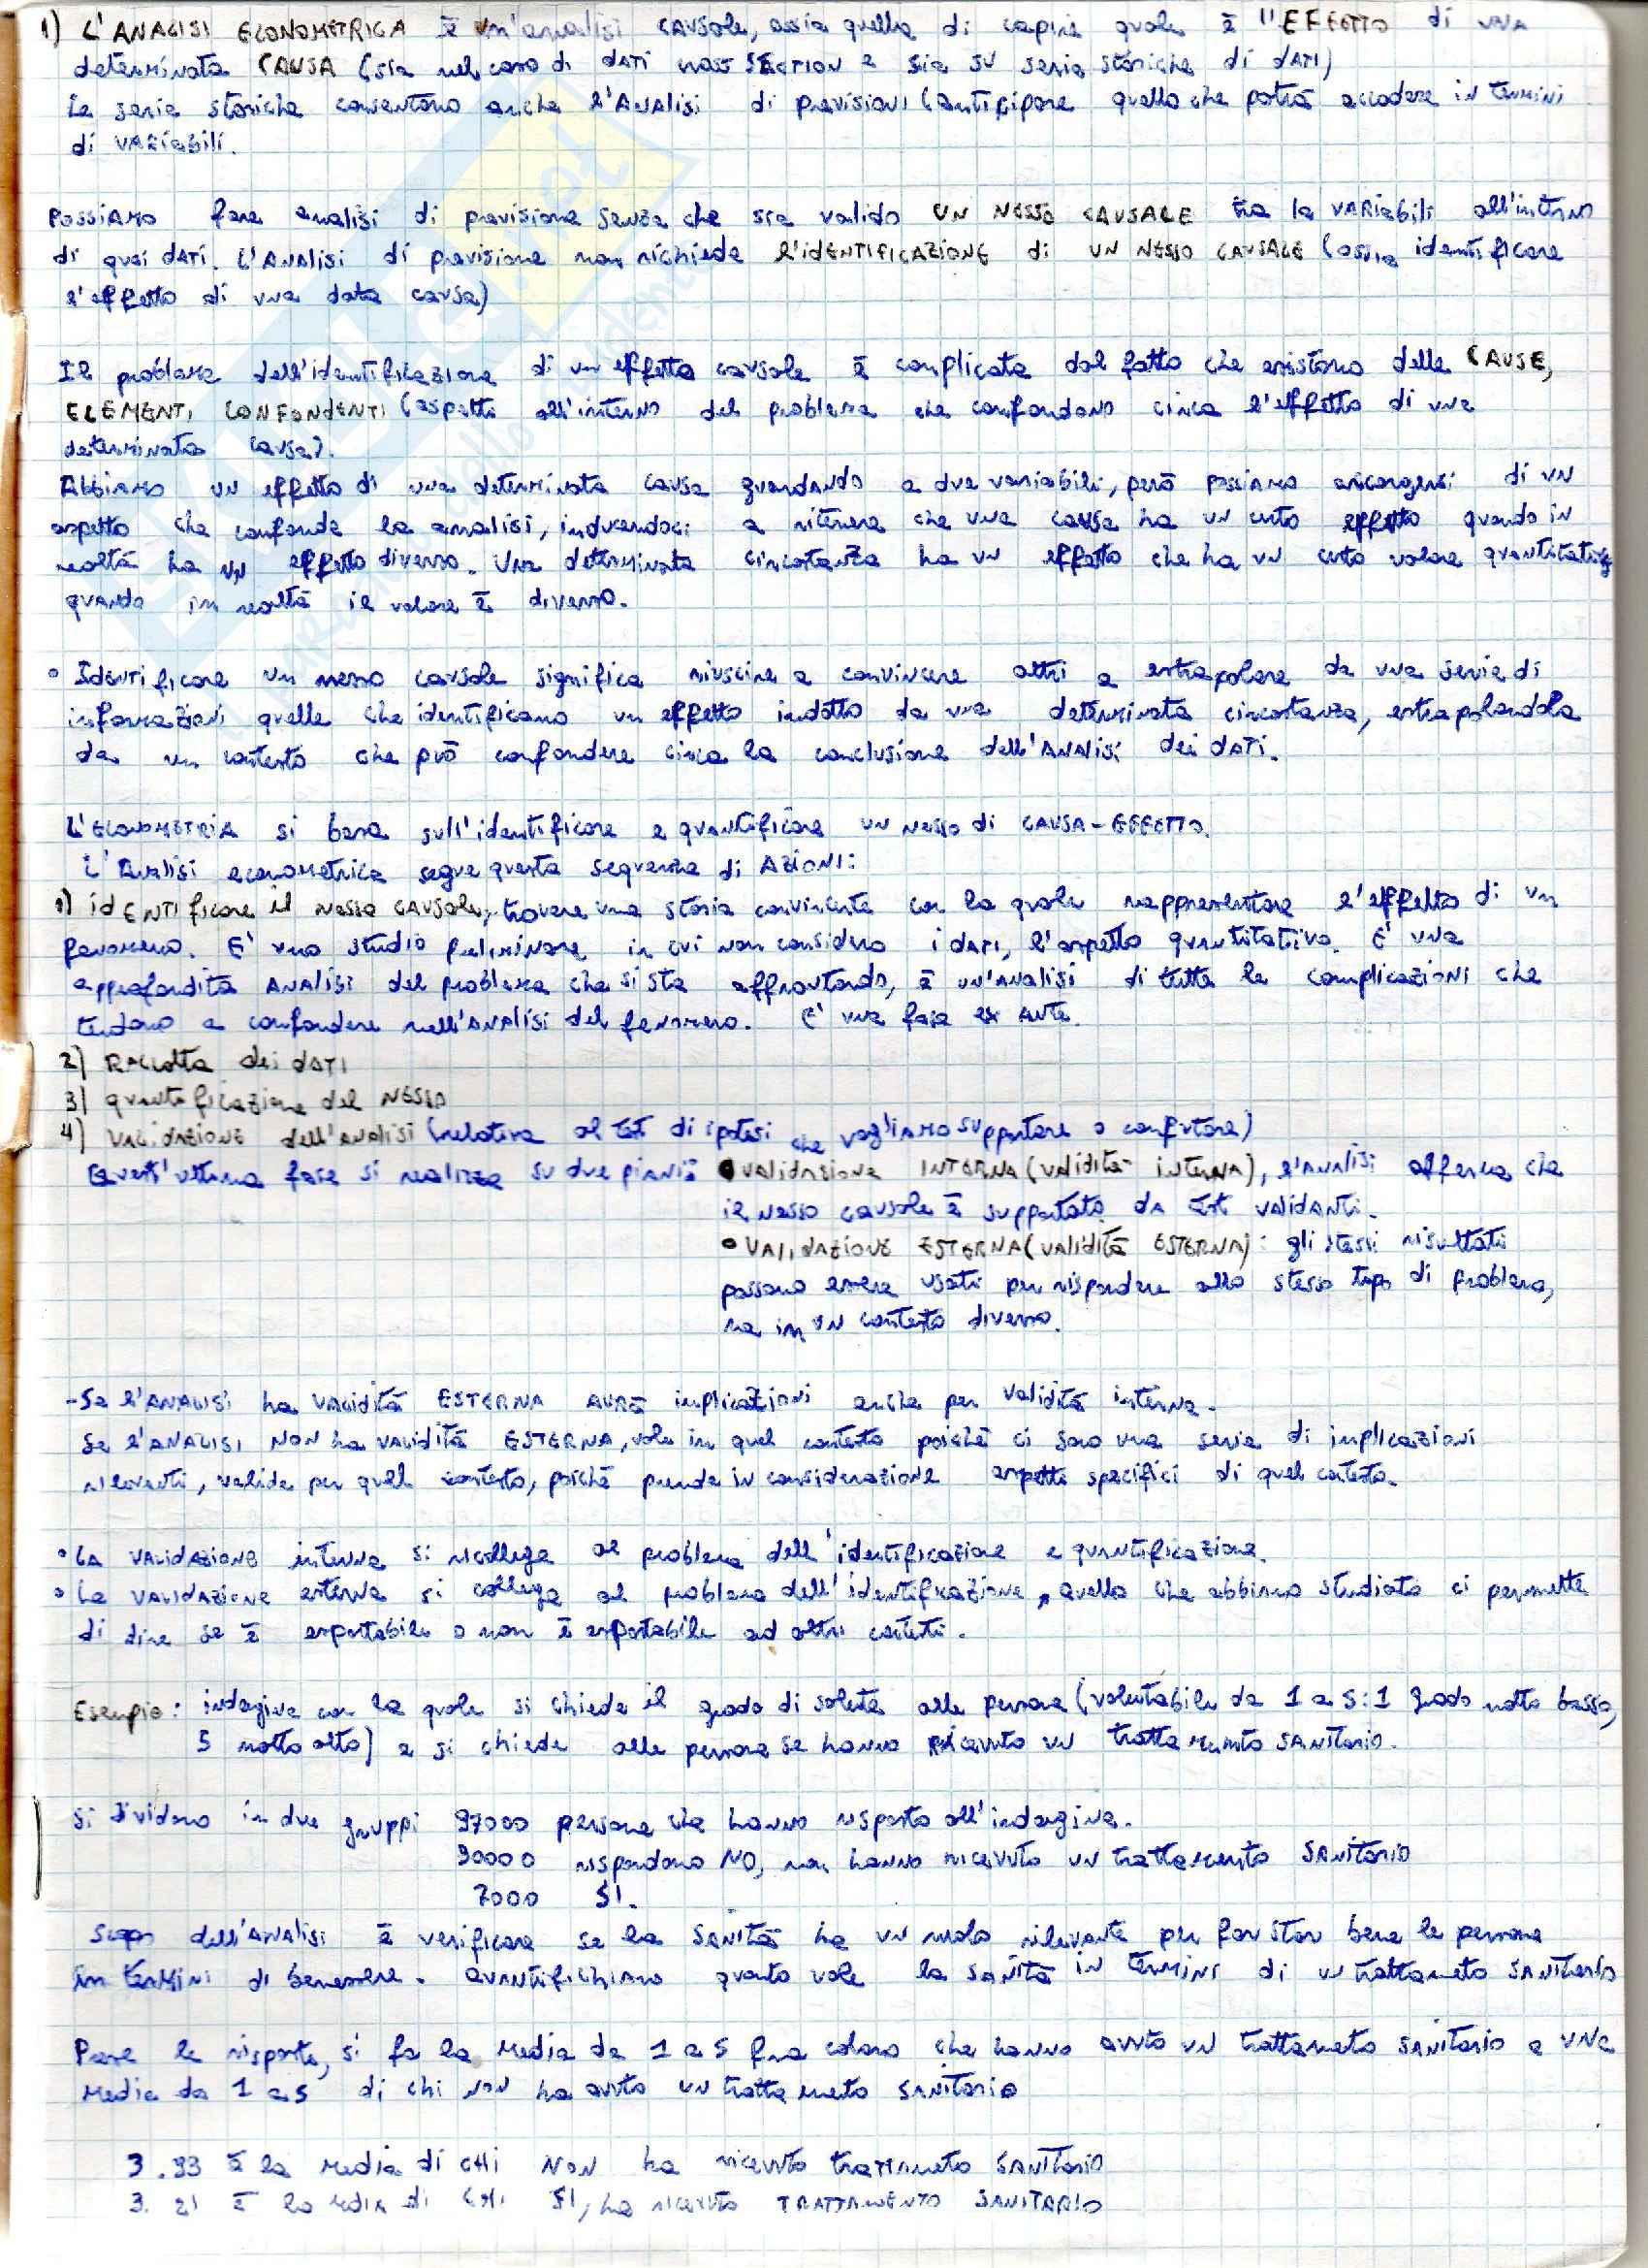 Appunti per l'esame di Econometria, prof. Acconcia